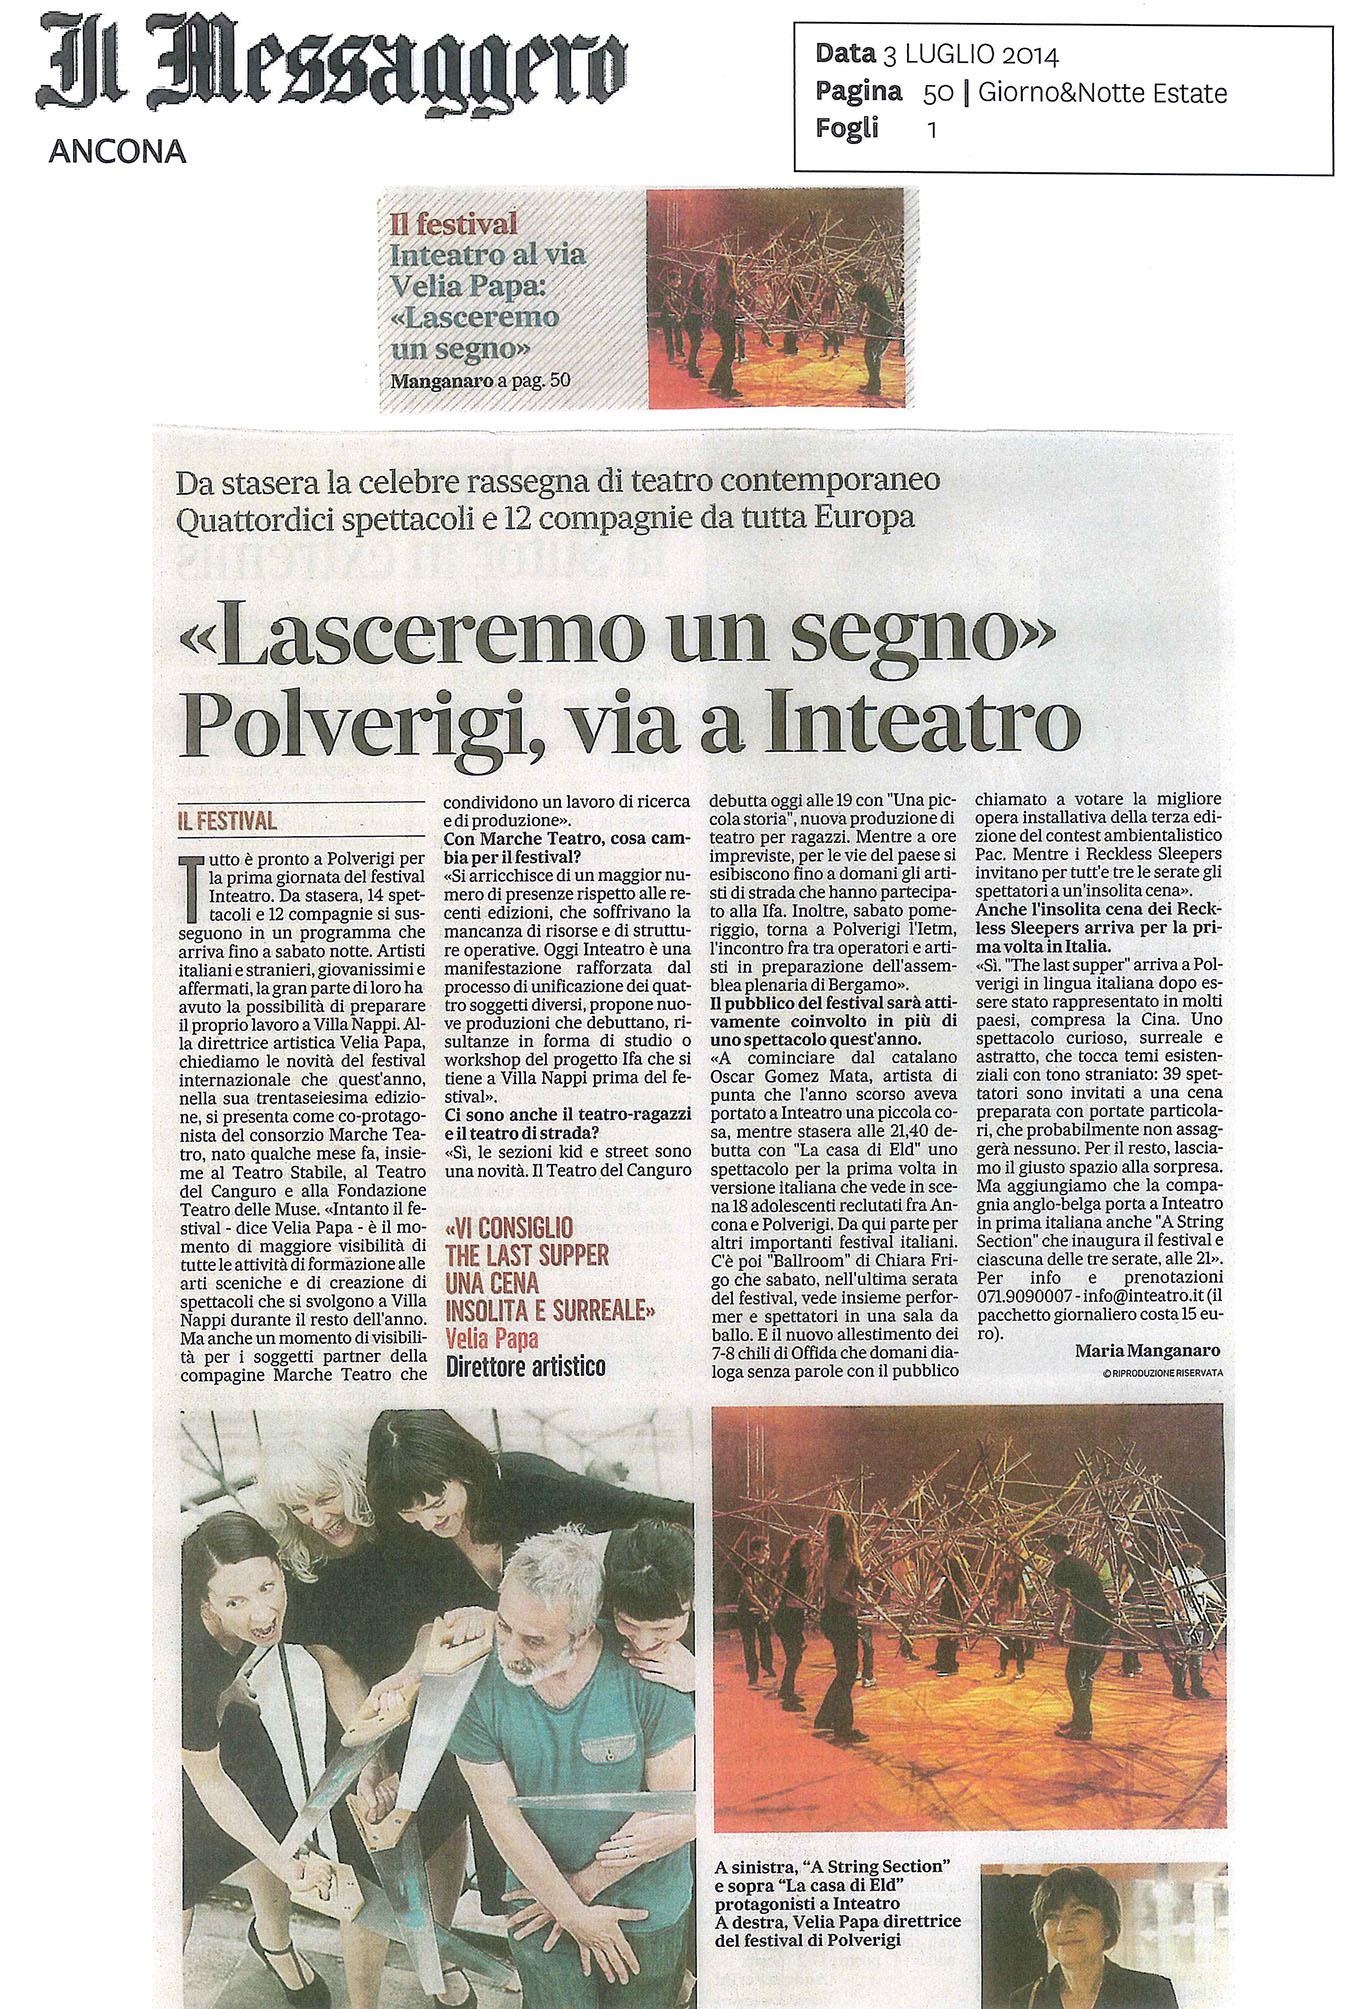 2014.07.03 'Lasceremo un segno' Polverigi, via a Inteatro - Il Messaggero